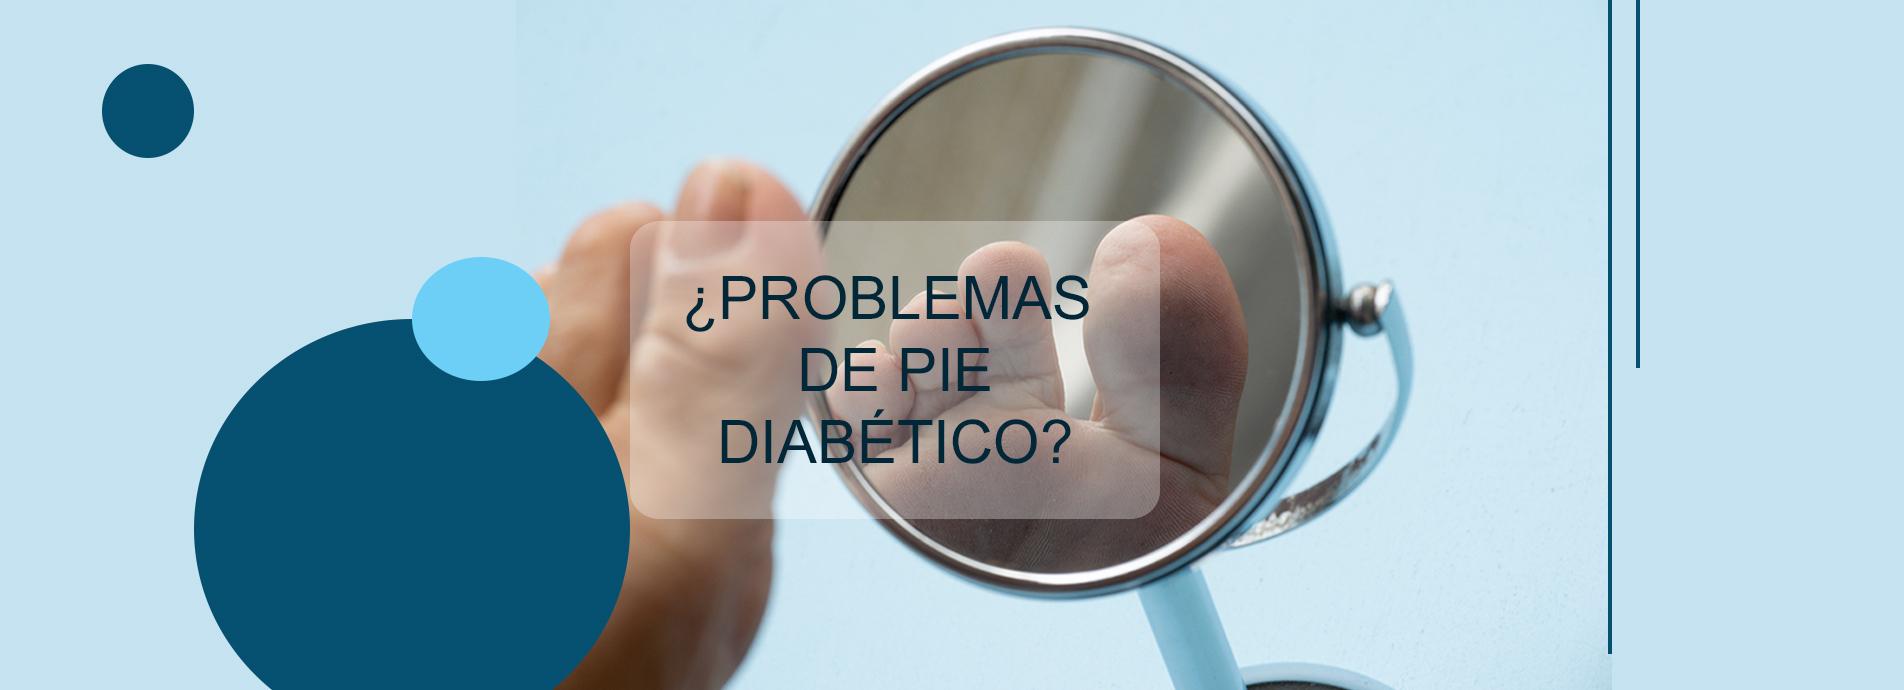 images/TRATAMIENTO-DE-PIE-DIABETICO-NOVIEMBRE-2020.jpg